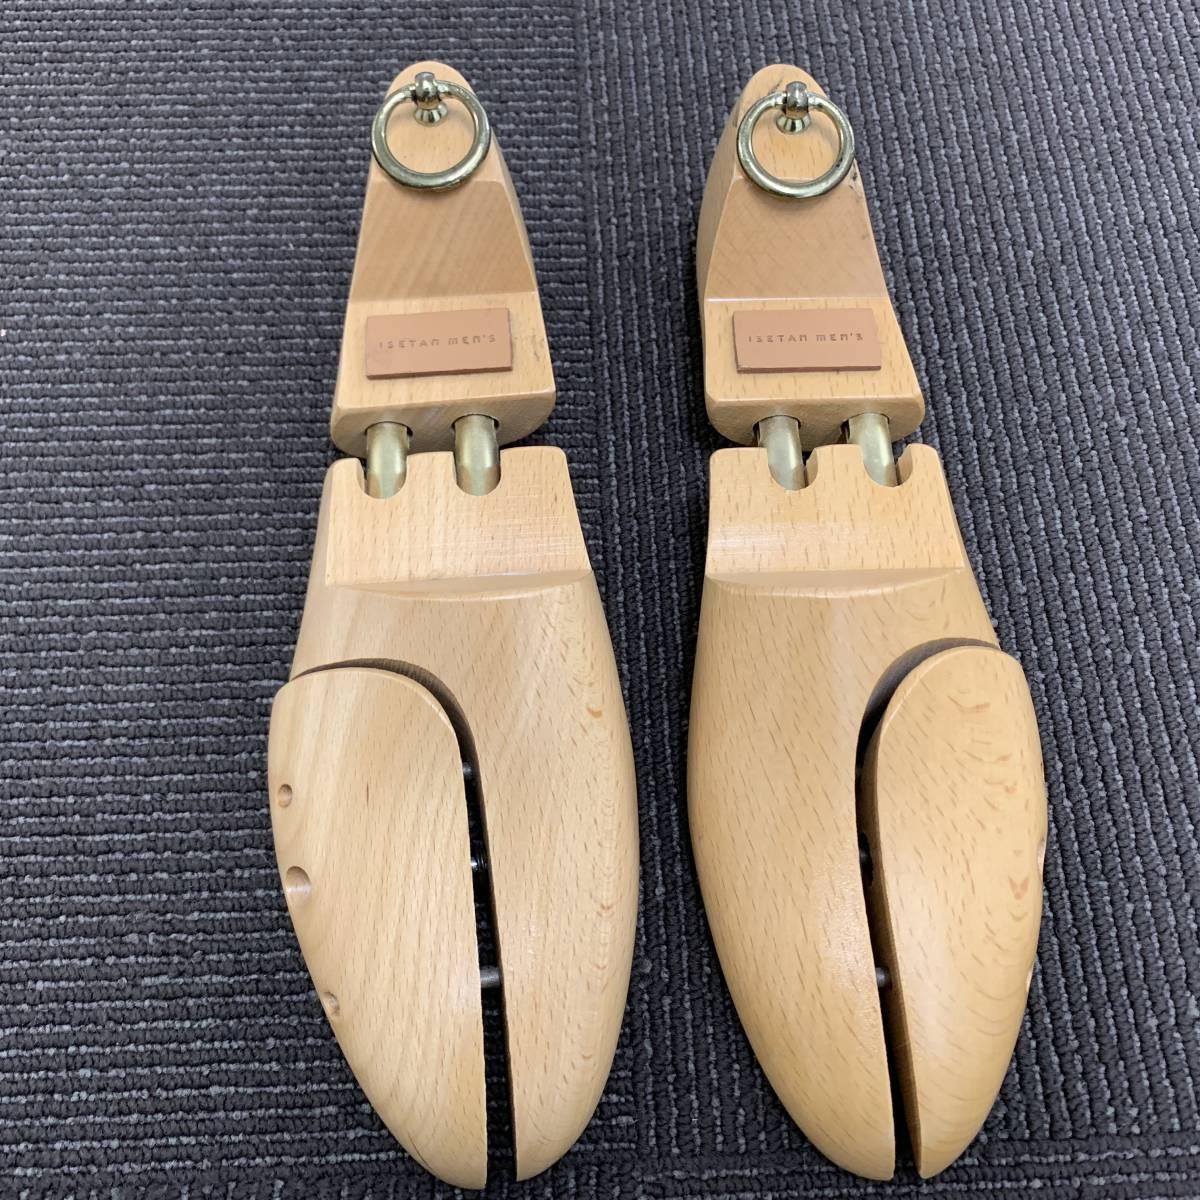 即決即納 ISETAN MEN'S シューキーパー 木製 43 レッドシダー シューツリー